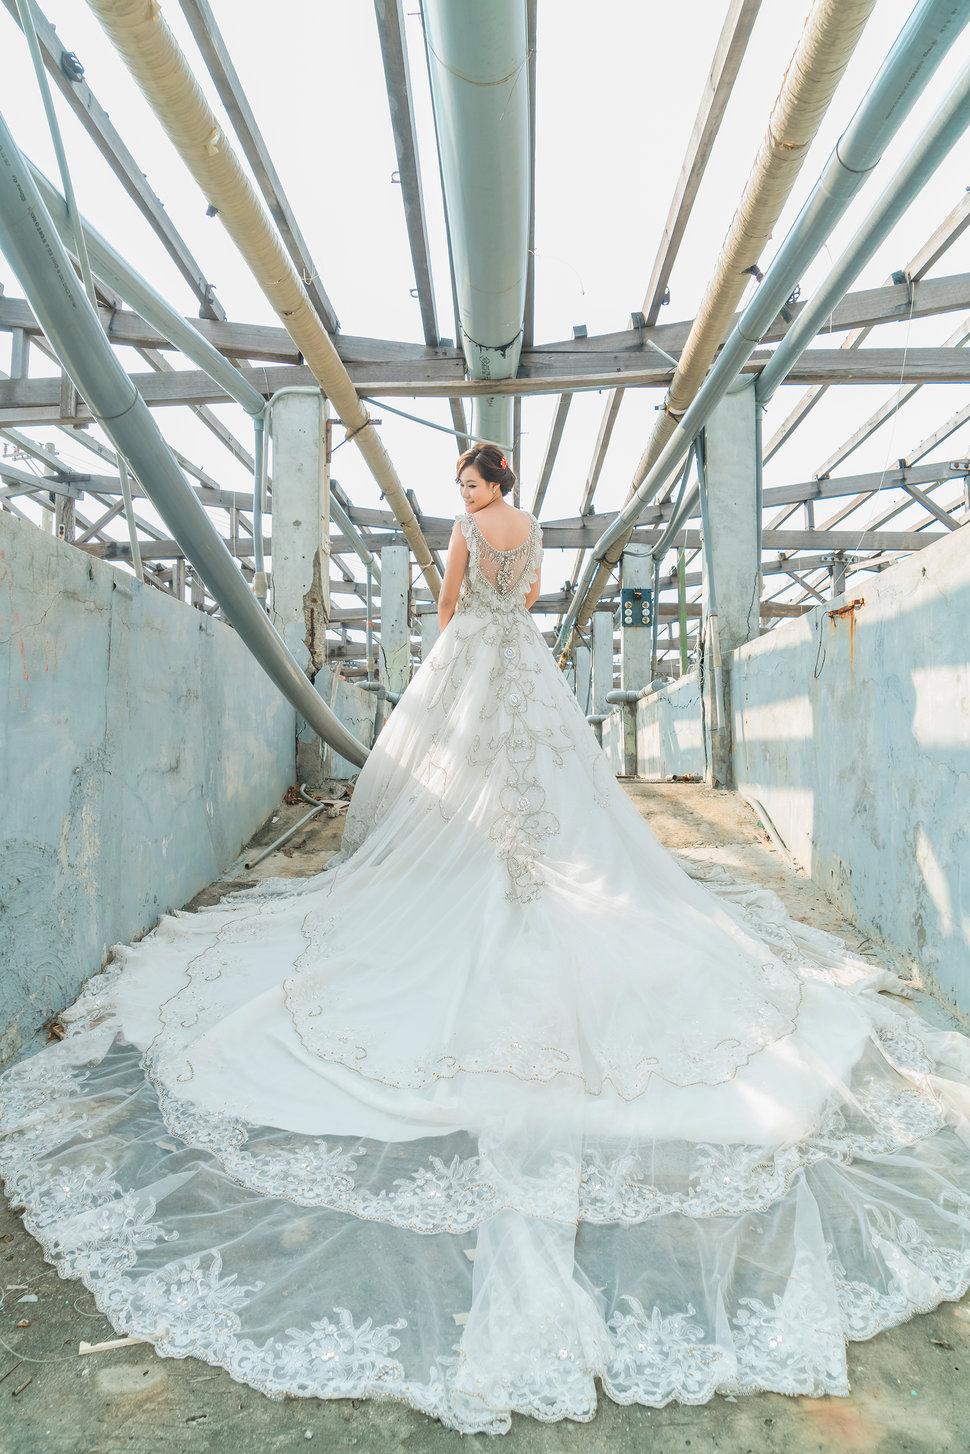 坤郁 & 寅欣 婚禮紀錄(編號:429984) - GI 影力 影像工作室 - 結婚吧